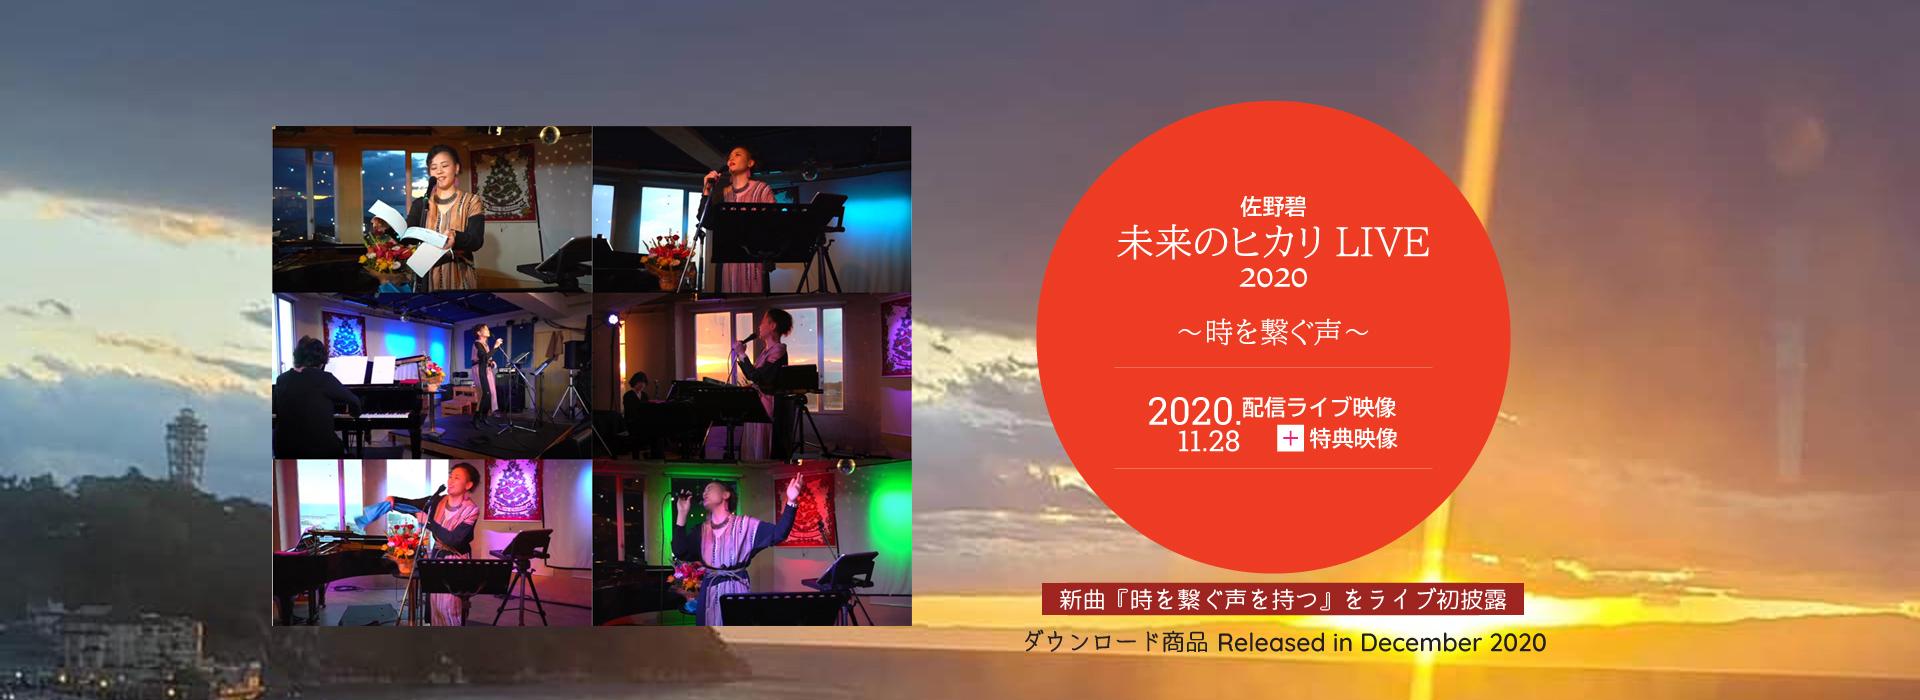 佐野碧 配信ライブ&特典映像「未来のヒカリLIVE 2020 〜時を繋ぐ声〜」2020.11.28